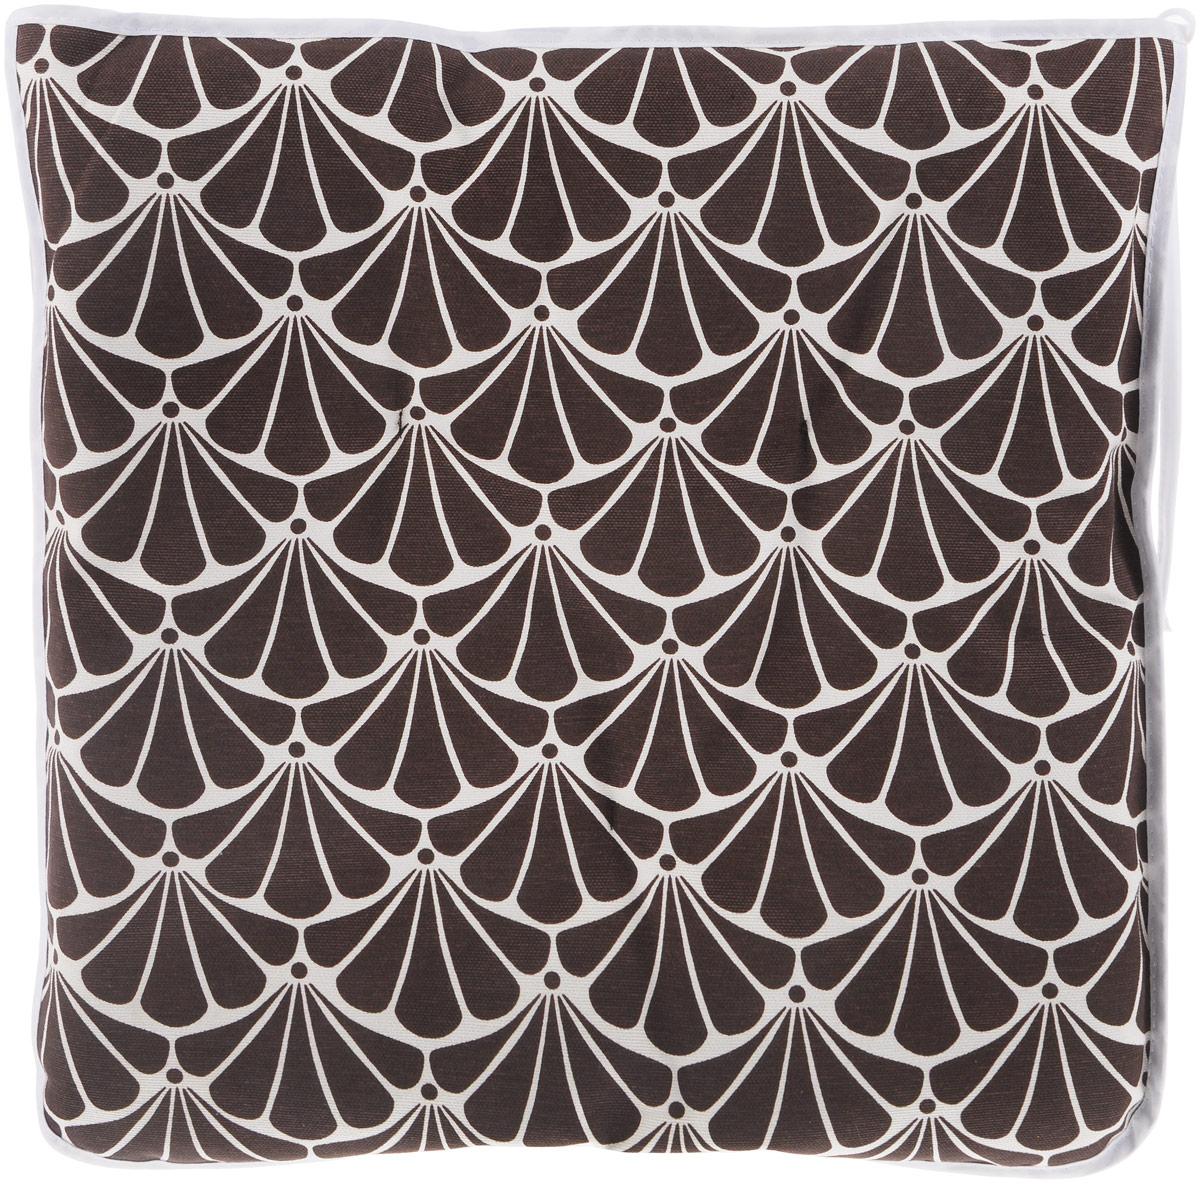 Подушка на стул KauffOrt Томный сад, цвет: коричневый, белый, 40 x 40 смVT-1520(SR)Подушка на стул KauffOrt Томный сад не только красиво дополнит интерьер кухни, но и обеспечит комфорт при сидении. Изделие выполнено из материалов высокого качества. Подушка легко крепится на стул с помощью завязок. Правильно сидеть - значит сохранить здоровье на долгие годы. Жесткие сидения подвергают наше здоровье опасности. Подушка с мягким наполнителем поможет предотвратить большинство нежелательных последствий сидячего образа жизни.Толщина подушки: 5 см.